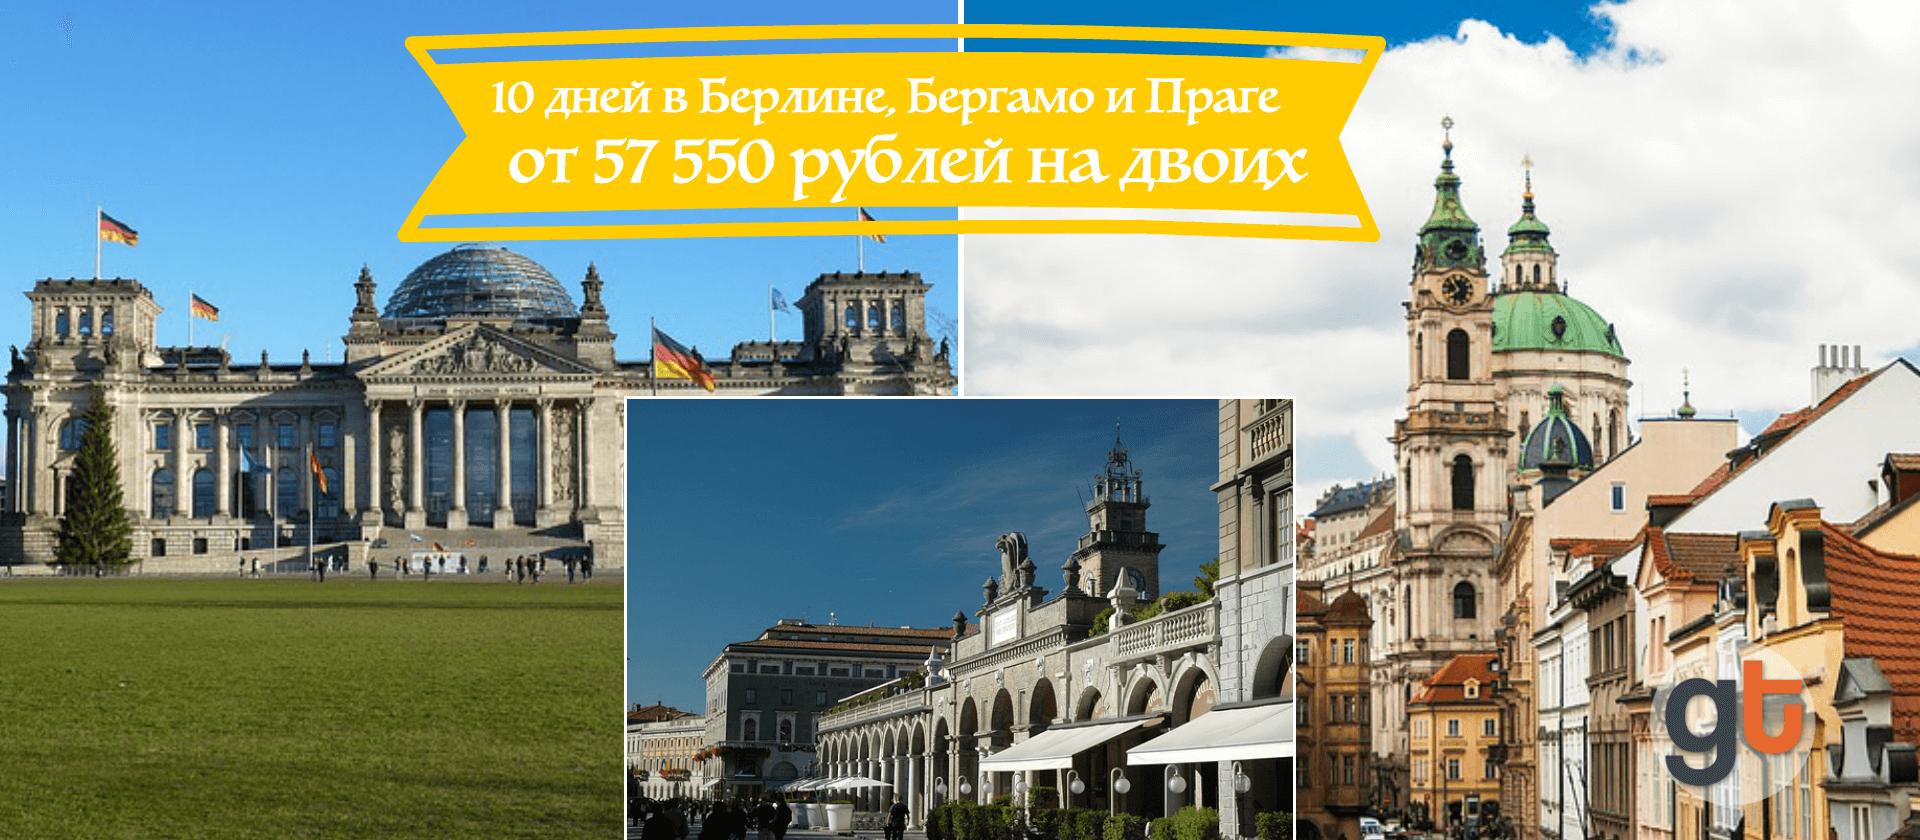 10 дней в Берлине, Бергамо и Праге с 08.12.17 от 57 550 рублей на двоих